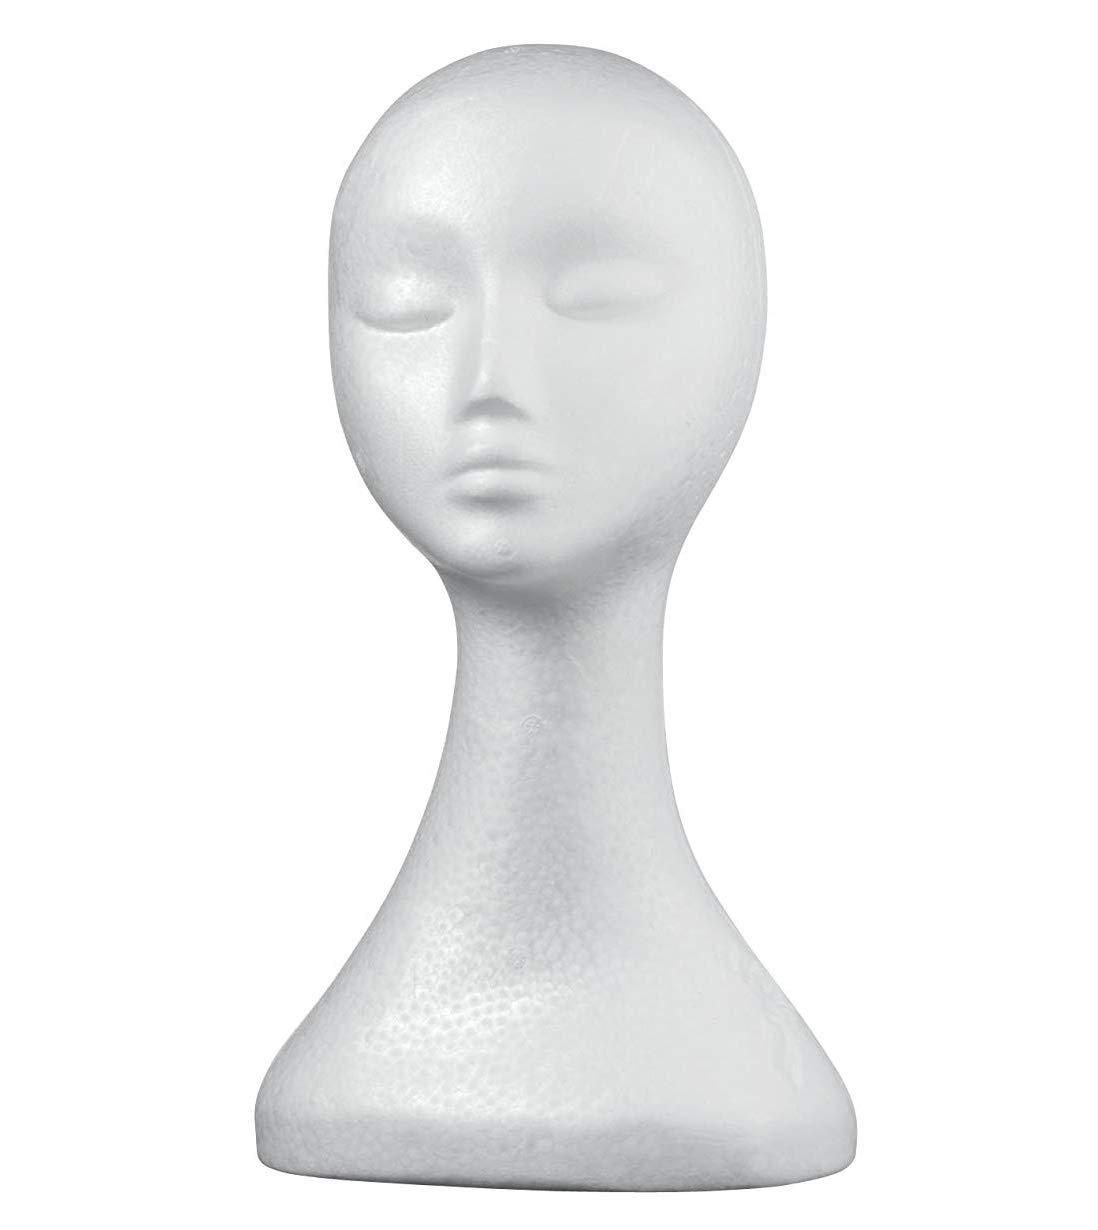 spirworc hlan Donna Testa di polistirolo Occhiali Supporto Cappello supporto & parrucca testa/Lady modello testa Extra alto Mannequin Head in gommapiuma SpirWoRchlan